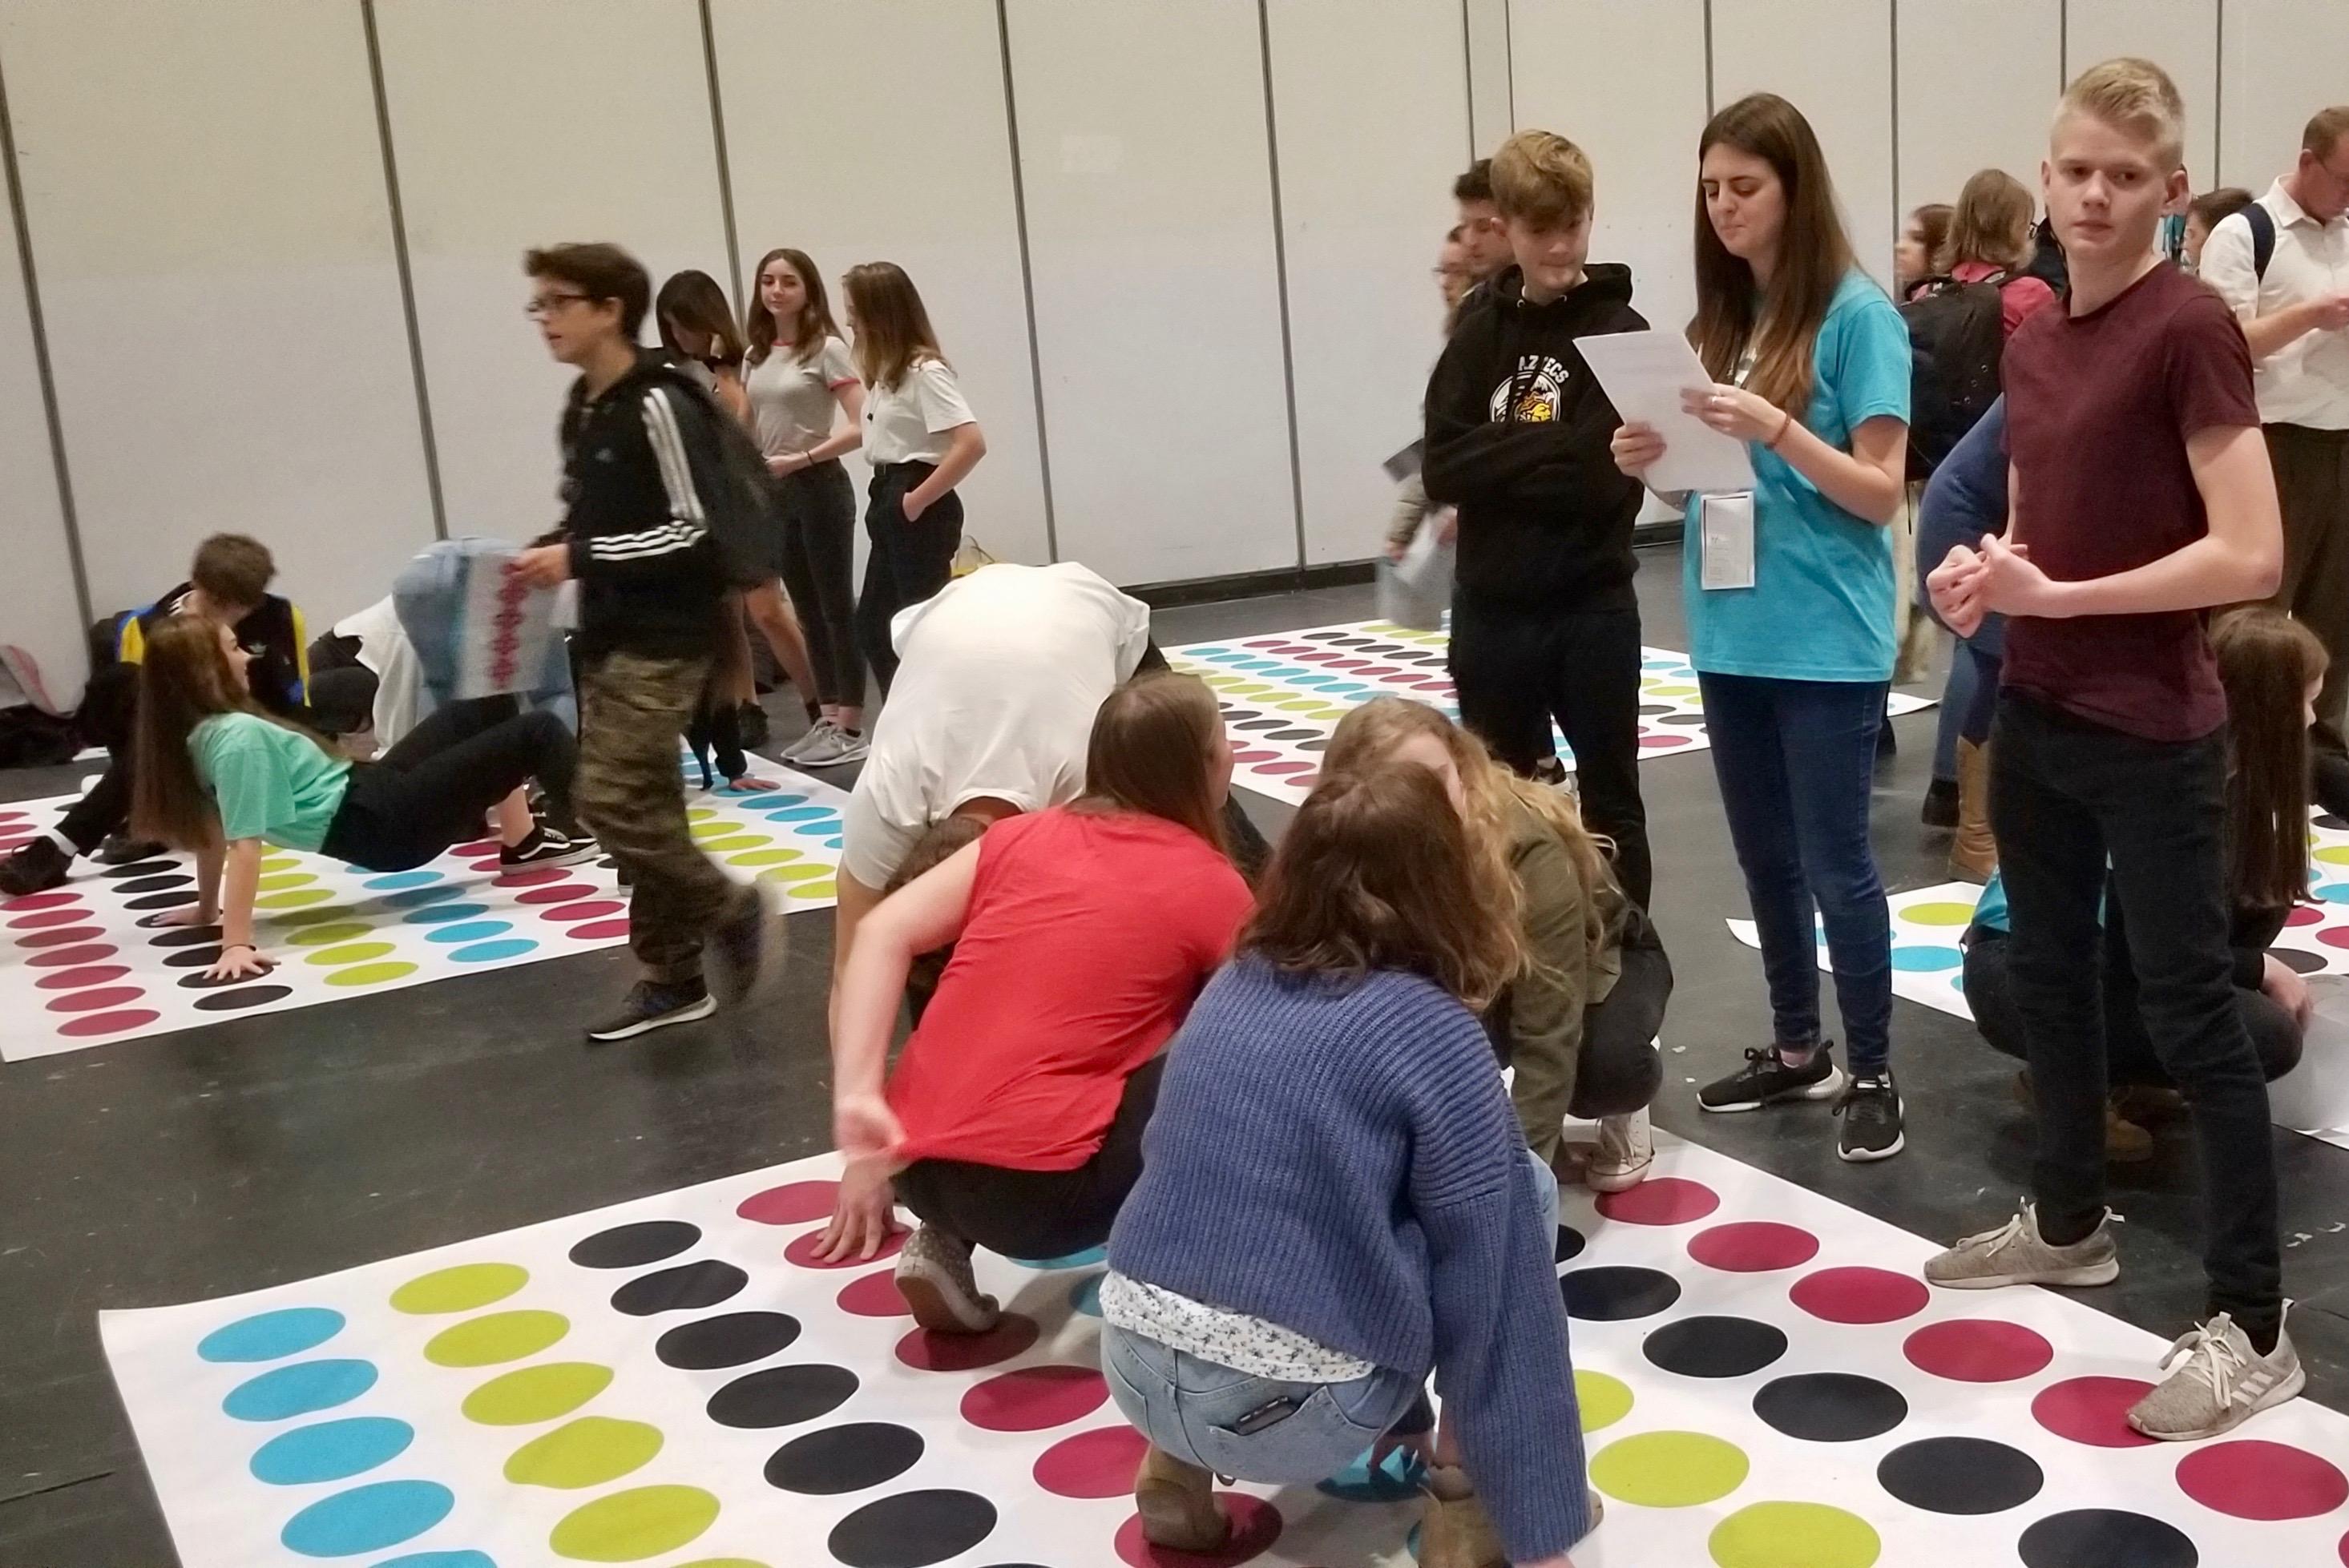 Unos jóvenes participan de un juego de Twister con temática de historia familiar, como parte de una actividad de descubrimiento del evento RootsTech Londres, el 26 de octubre de 2019.